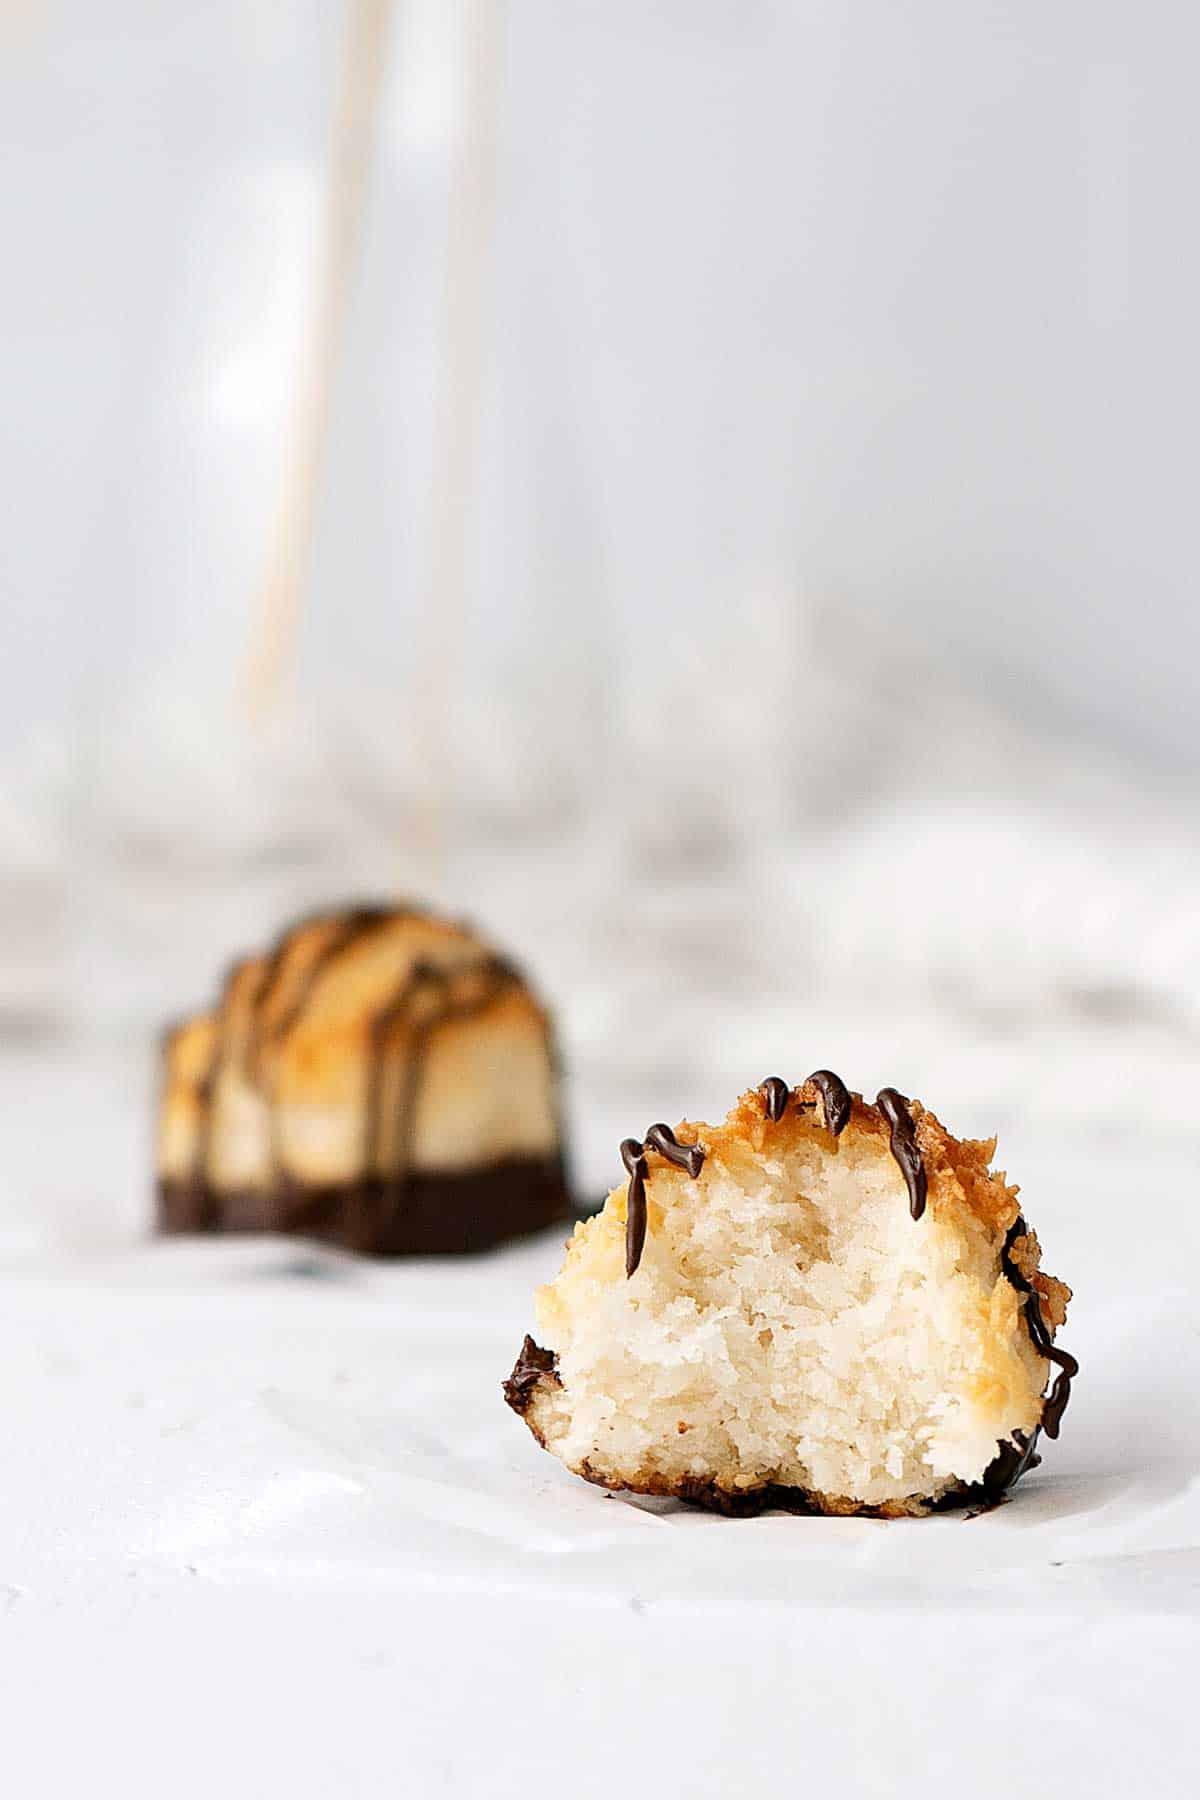 half eaten coconut macaroon